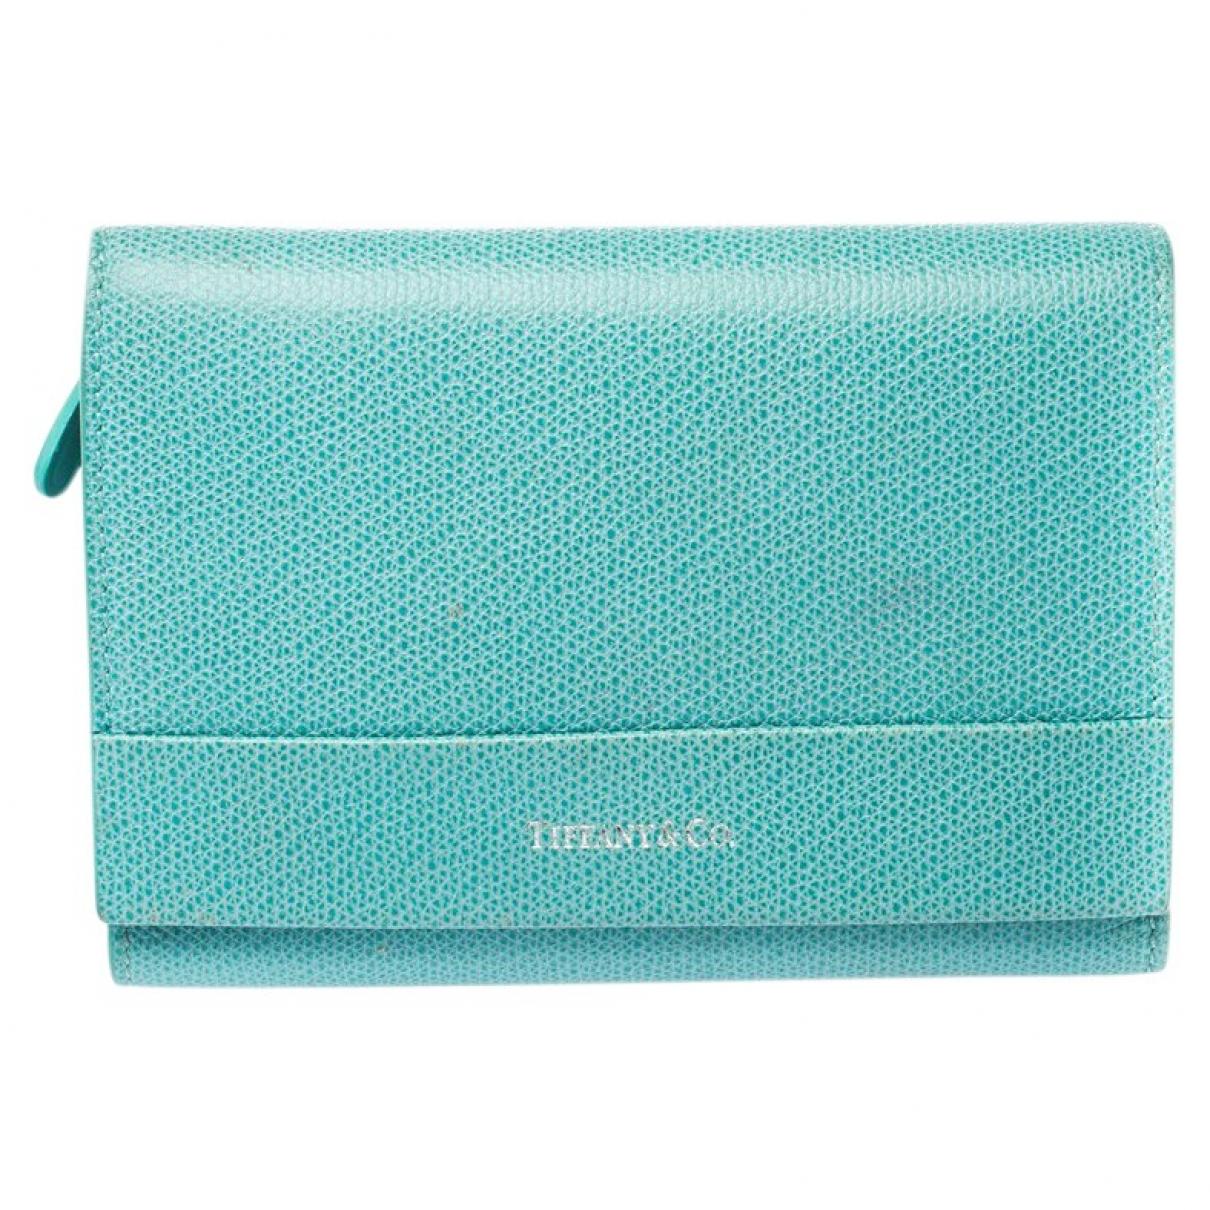 Tiffany & Co \N Portemonnaie in  Blau Leder